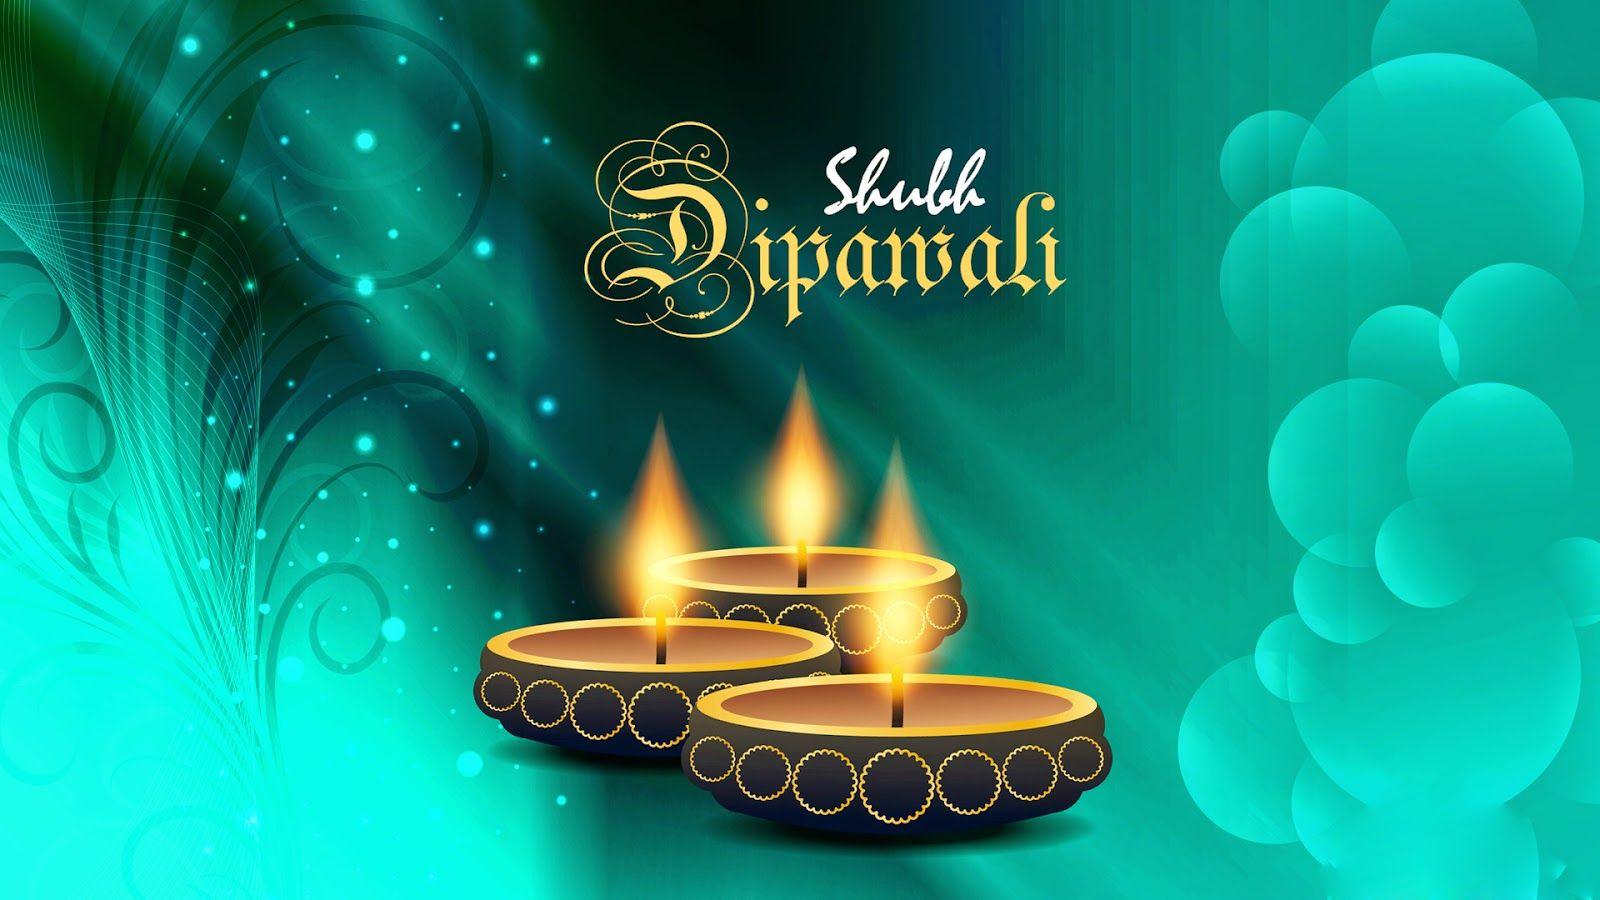 diwali wallpaper 2019 download